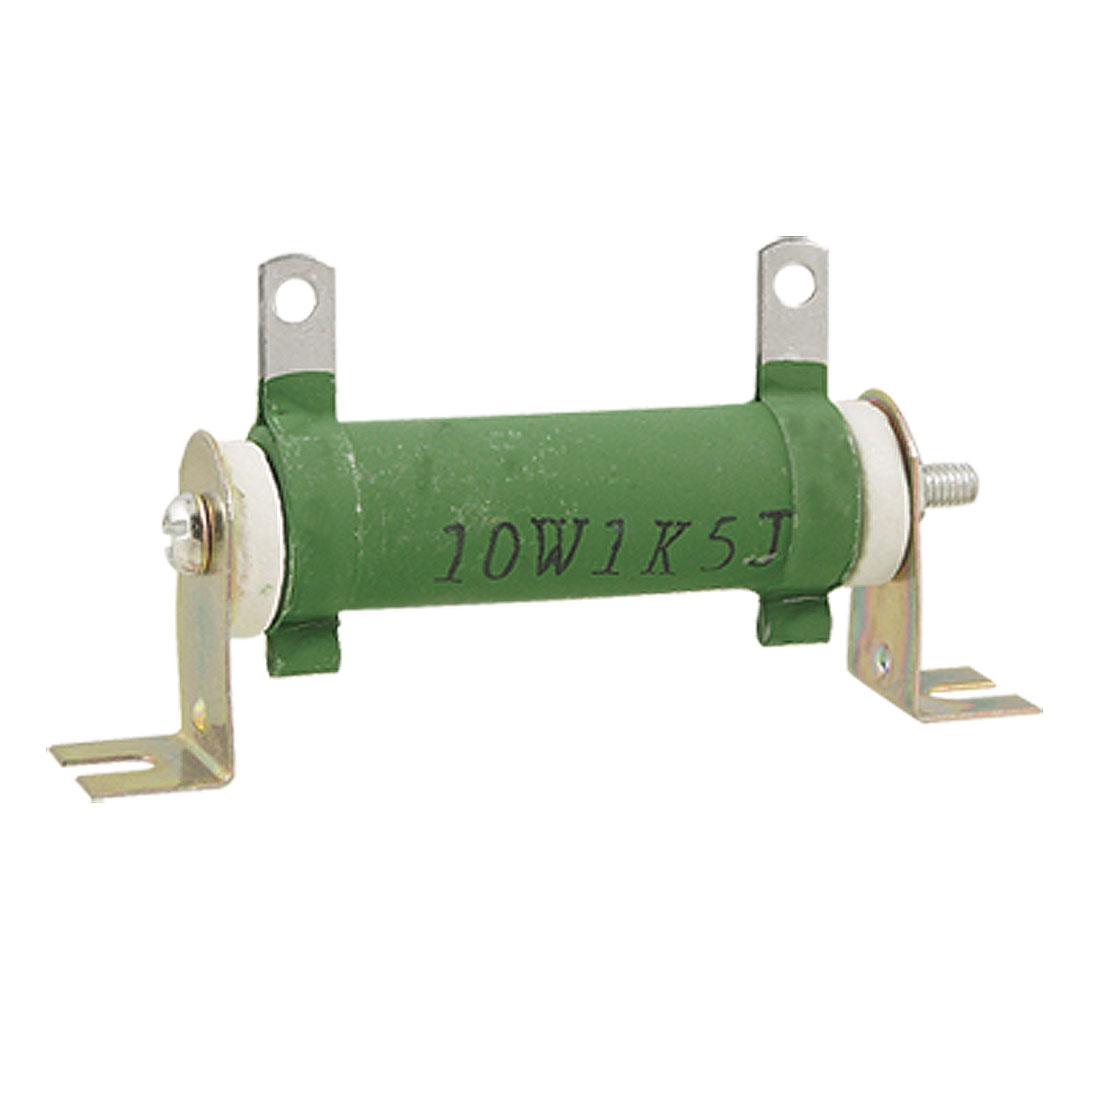 Ceramic Tube 1K5 1.5K Ohm 10W Watt Wirewound Resistor